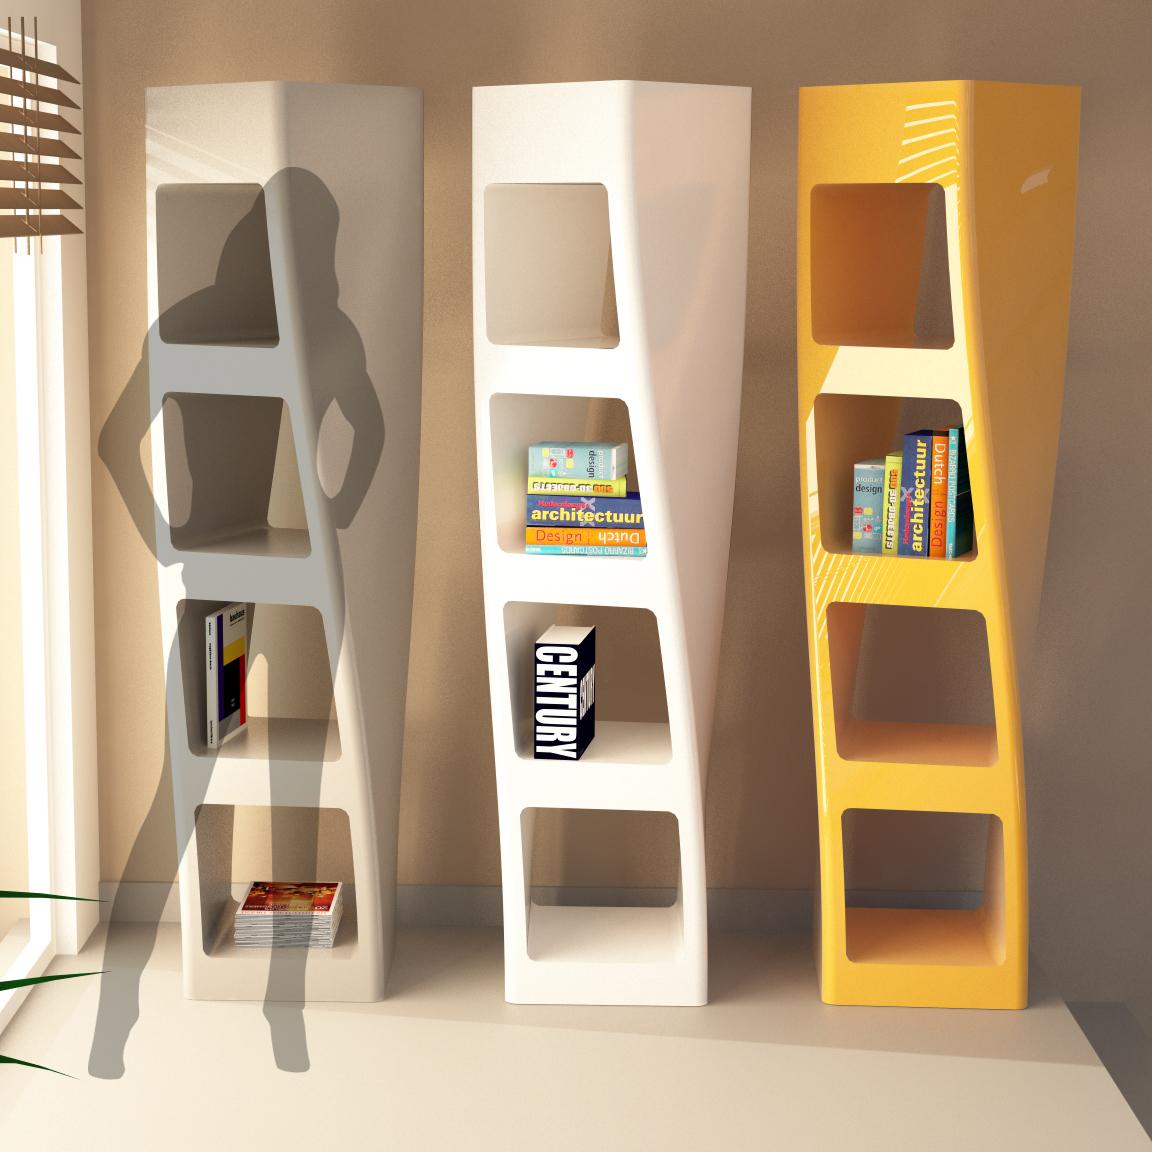 Collins librerie design zad zone of absolute design for Libreria design